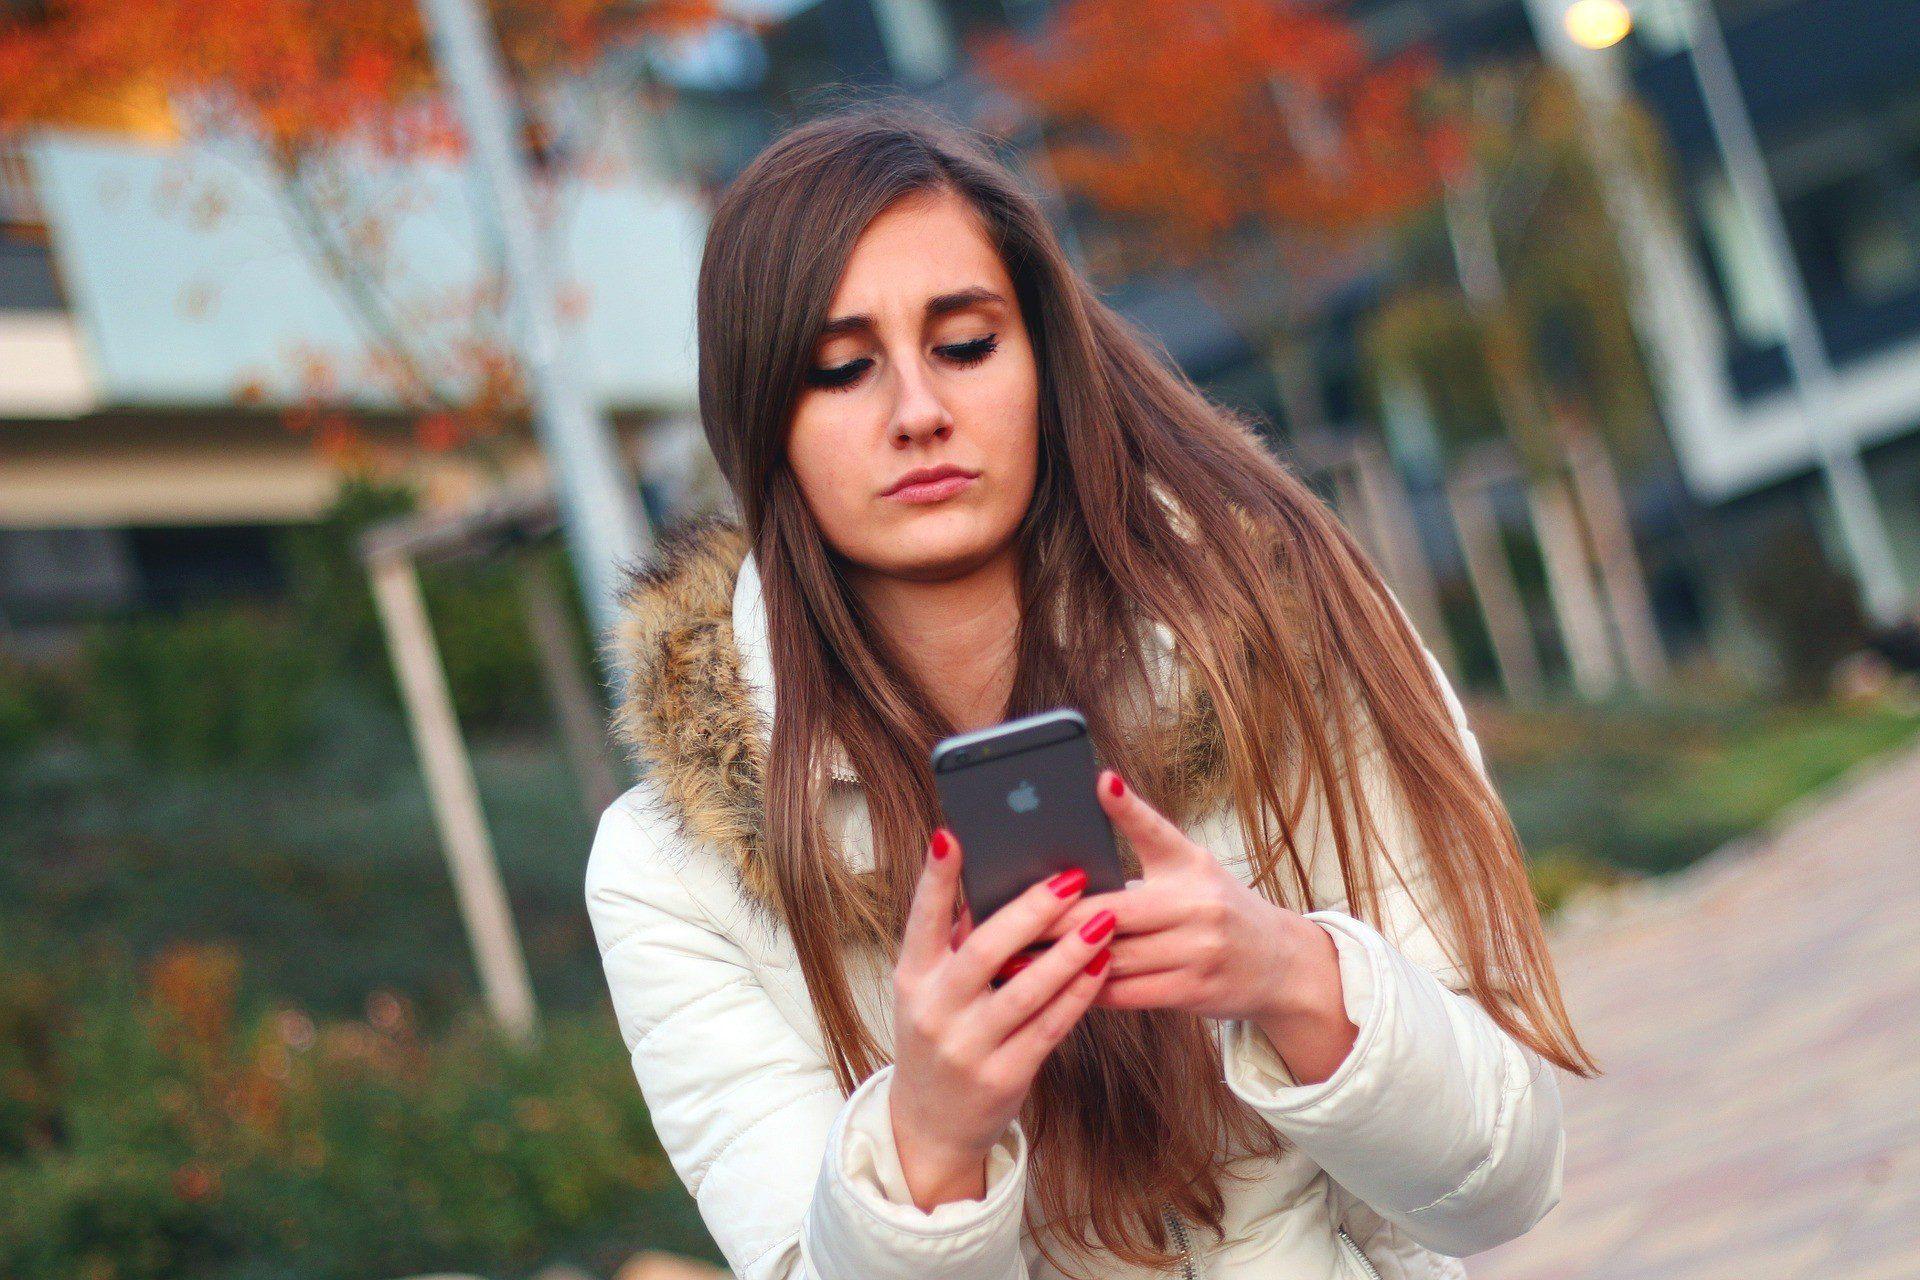 Especialistas destacam o papel dos jovens nas empresas